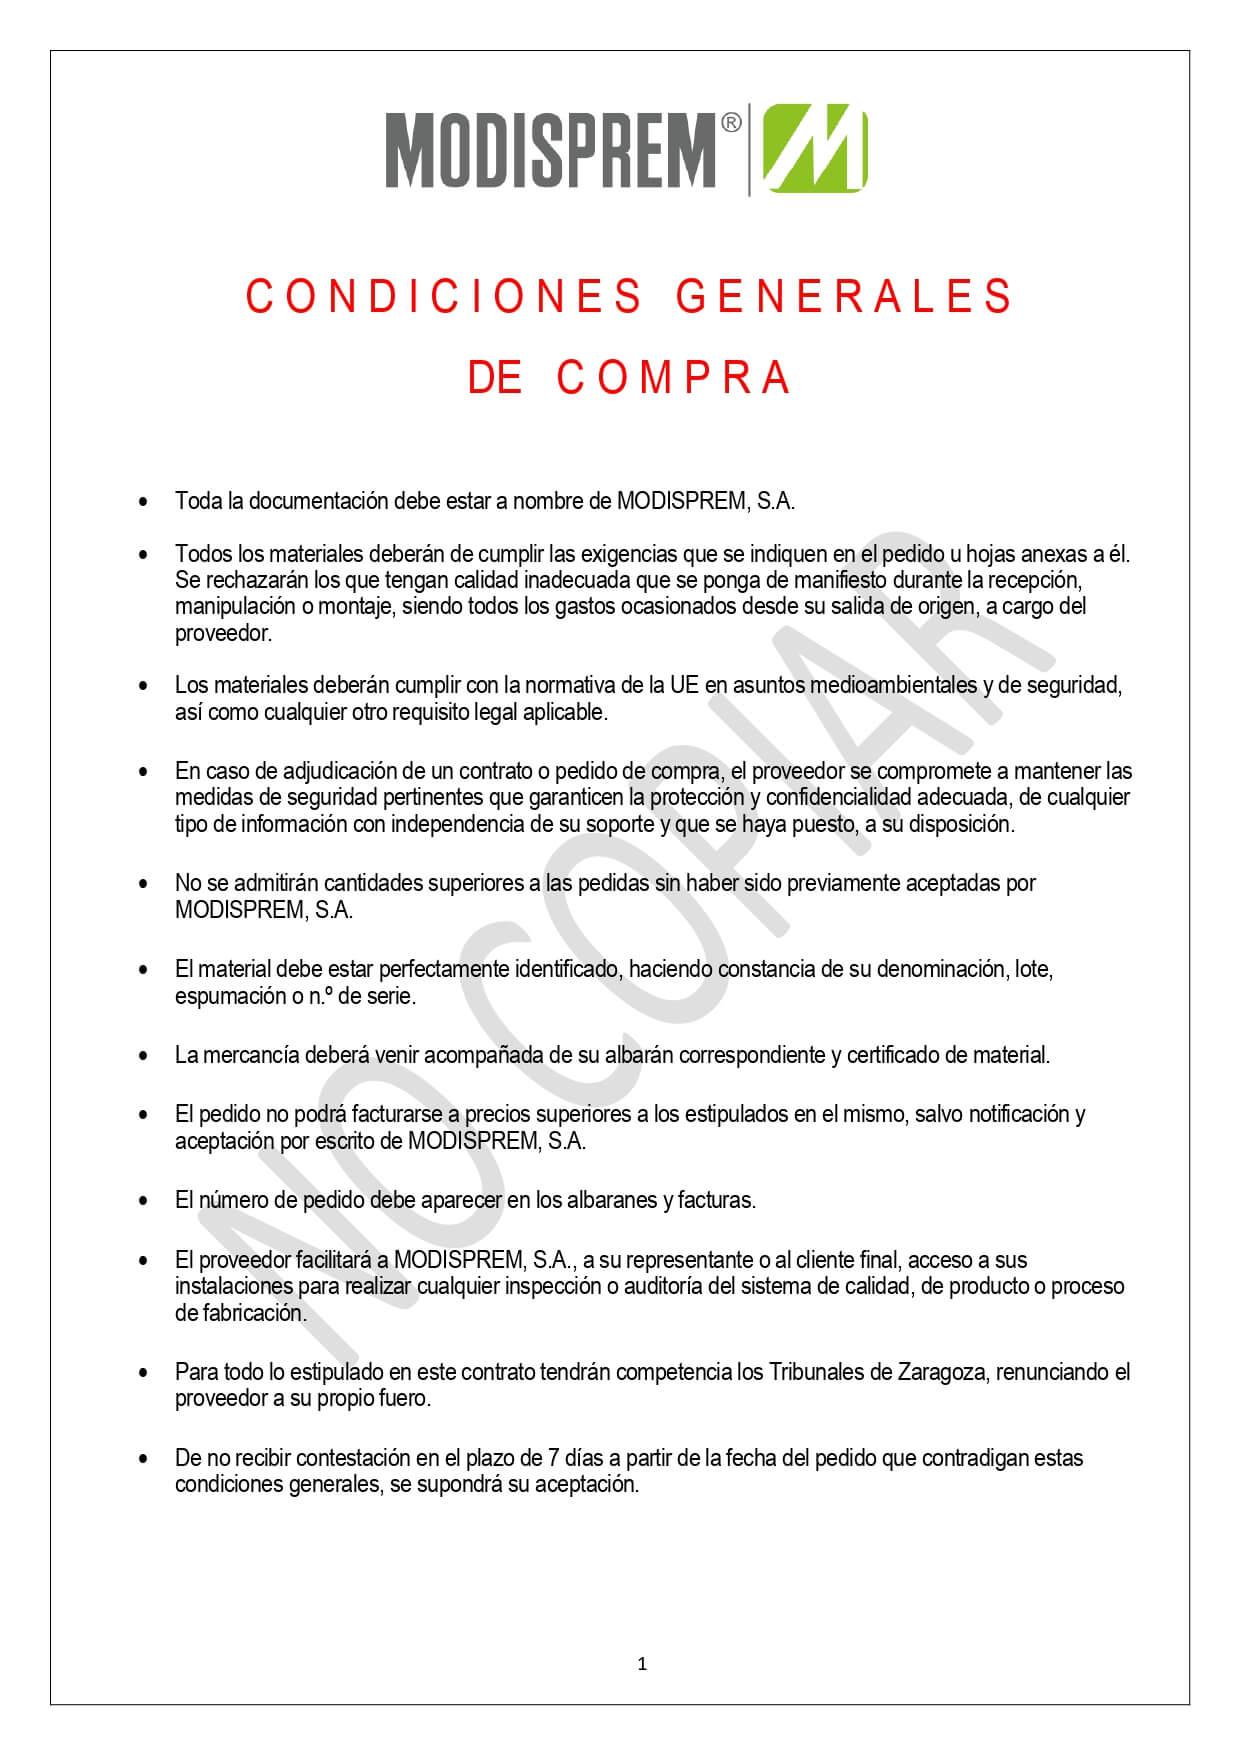 Condiciones Generales Compra page 0001